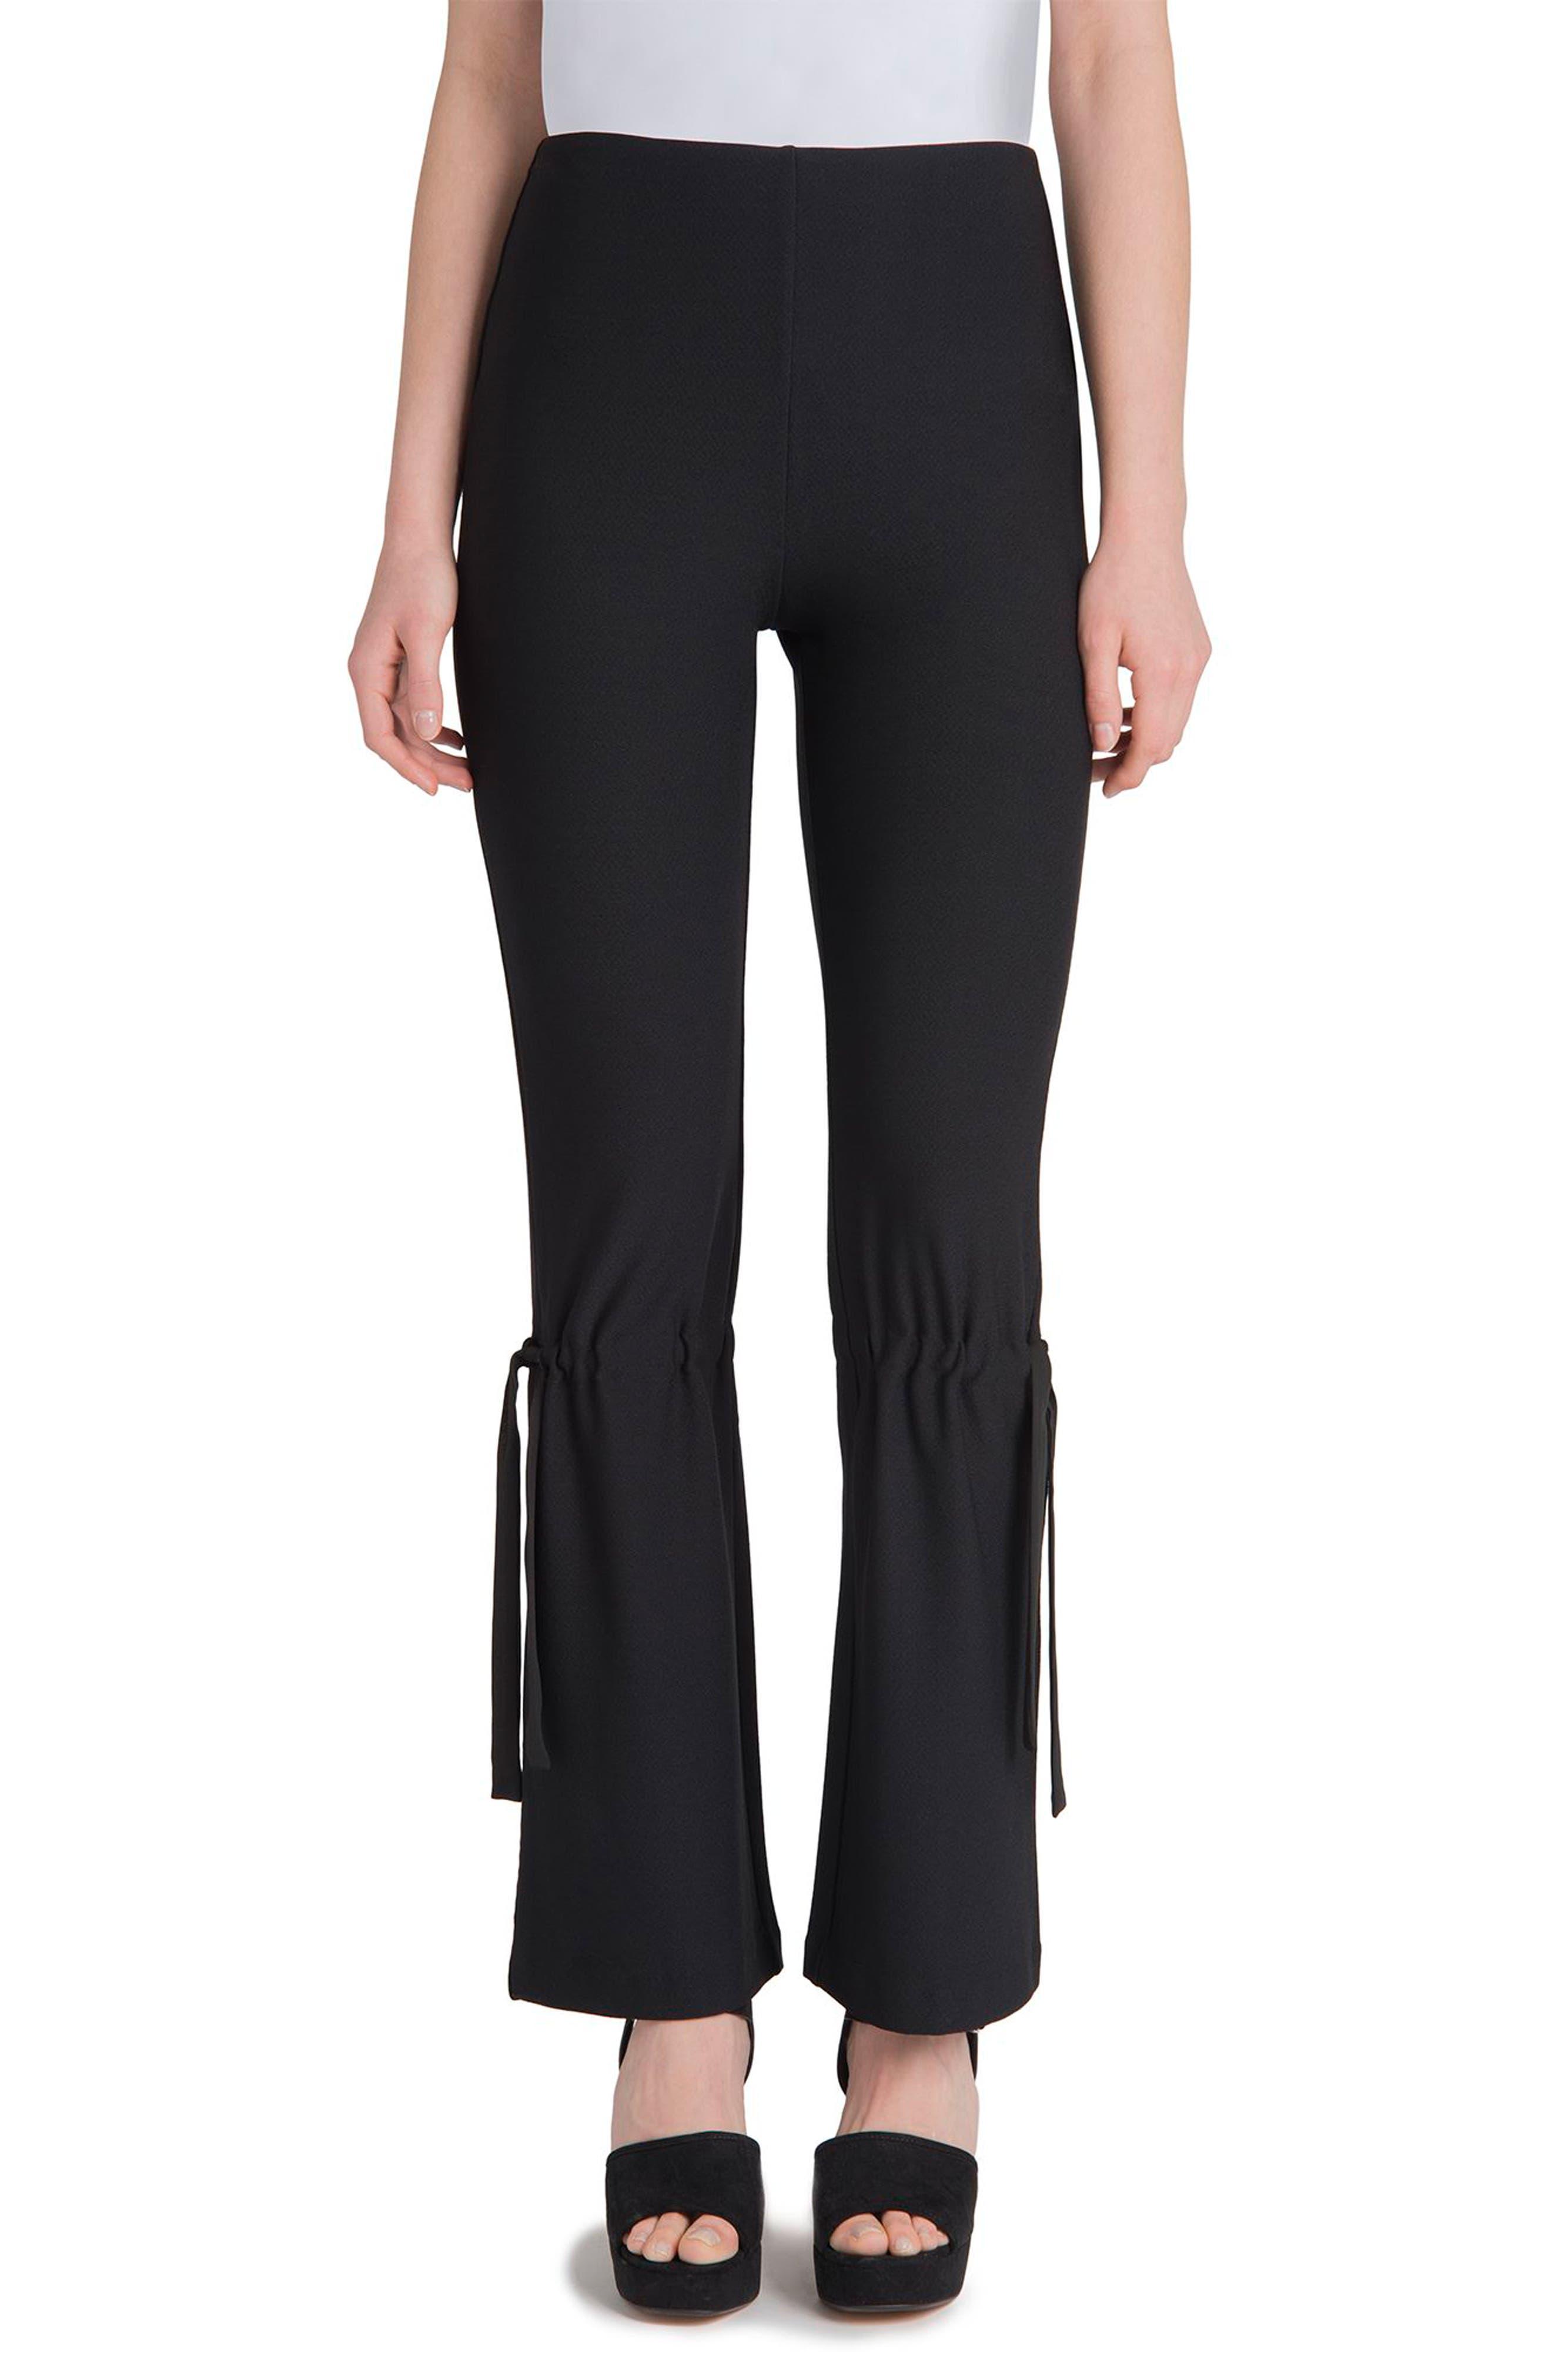 Main Image - Lyssé Arcadia High Waist Pants